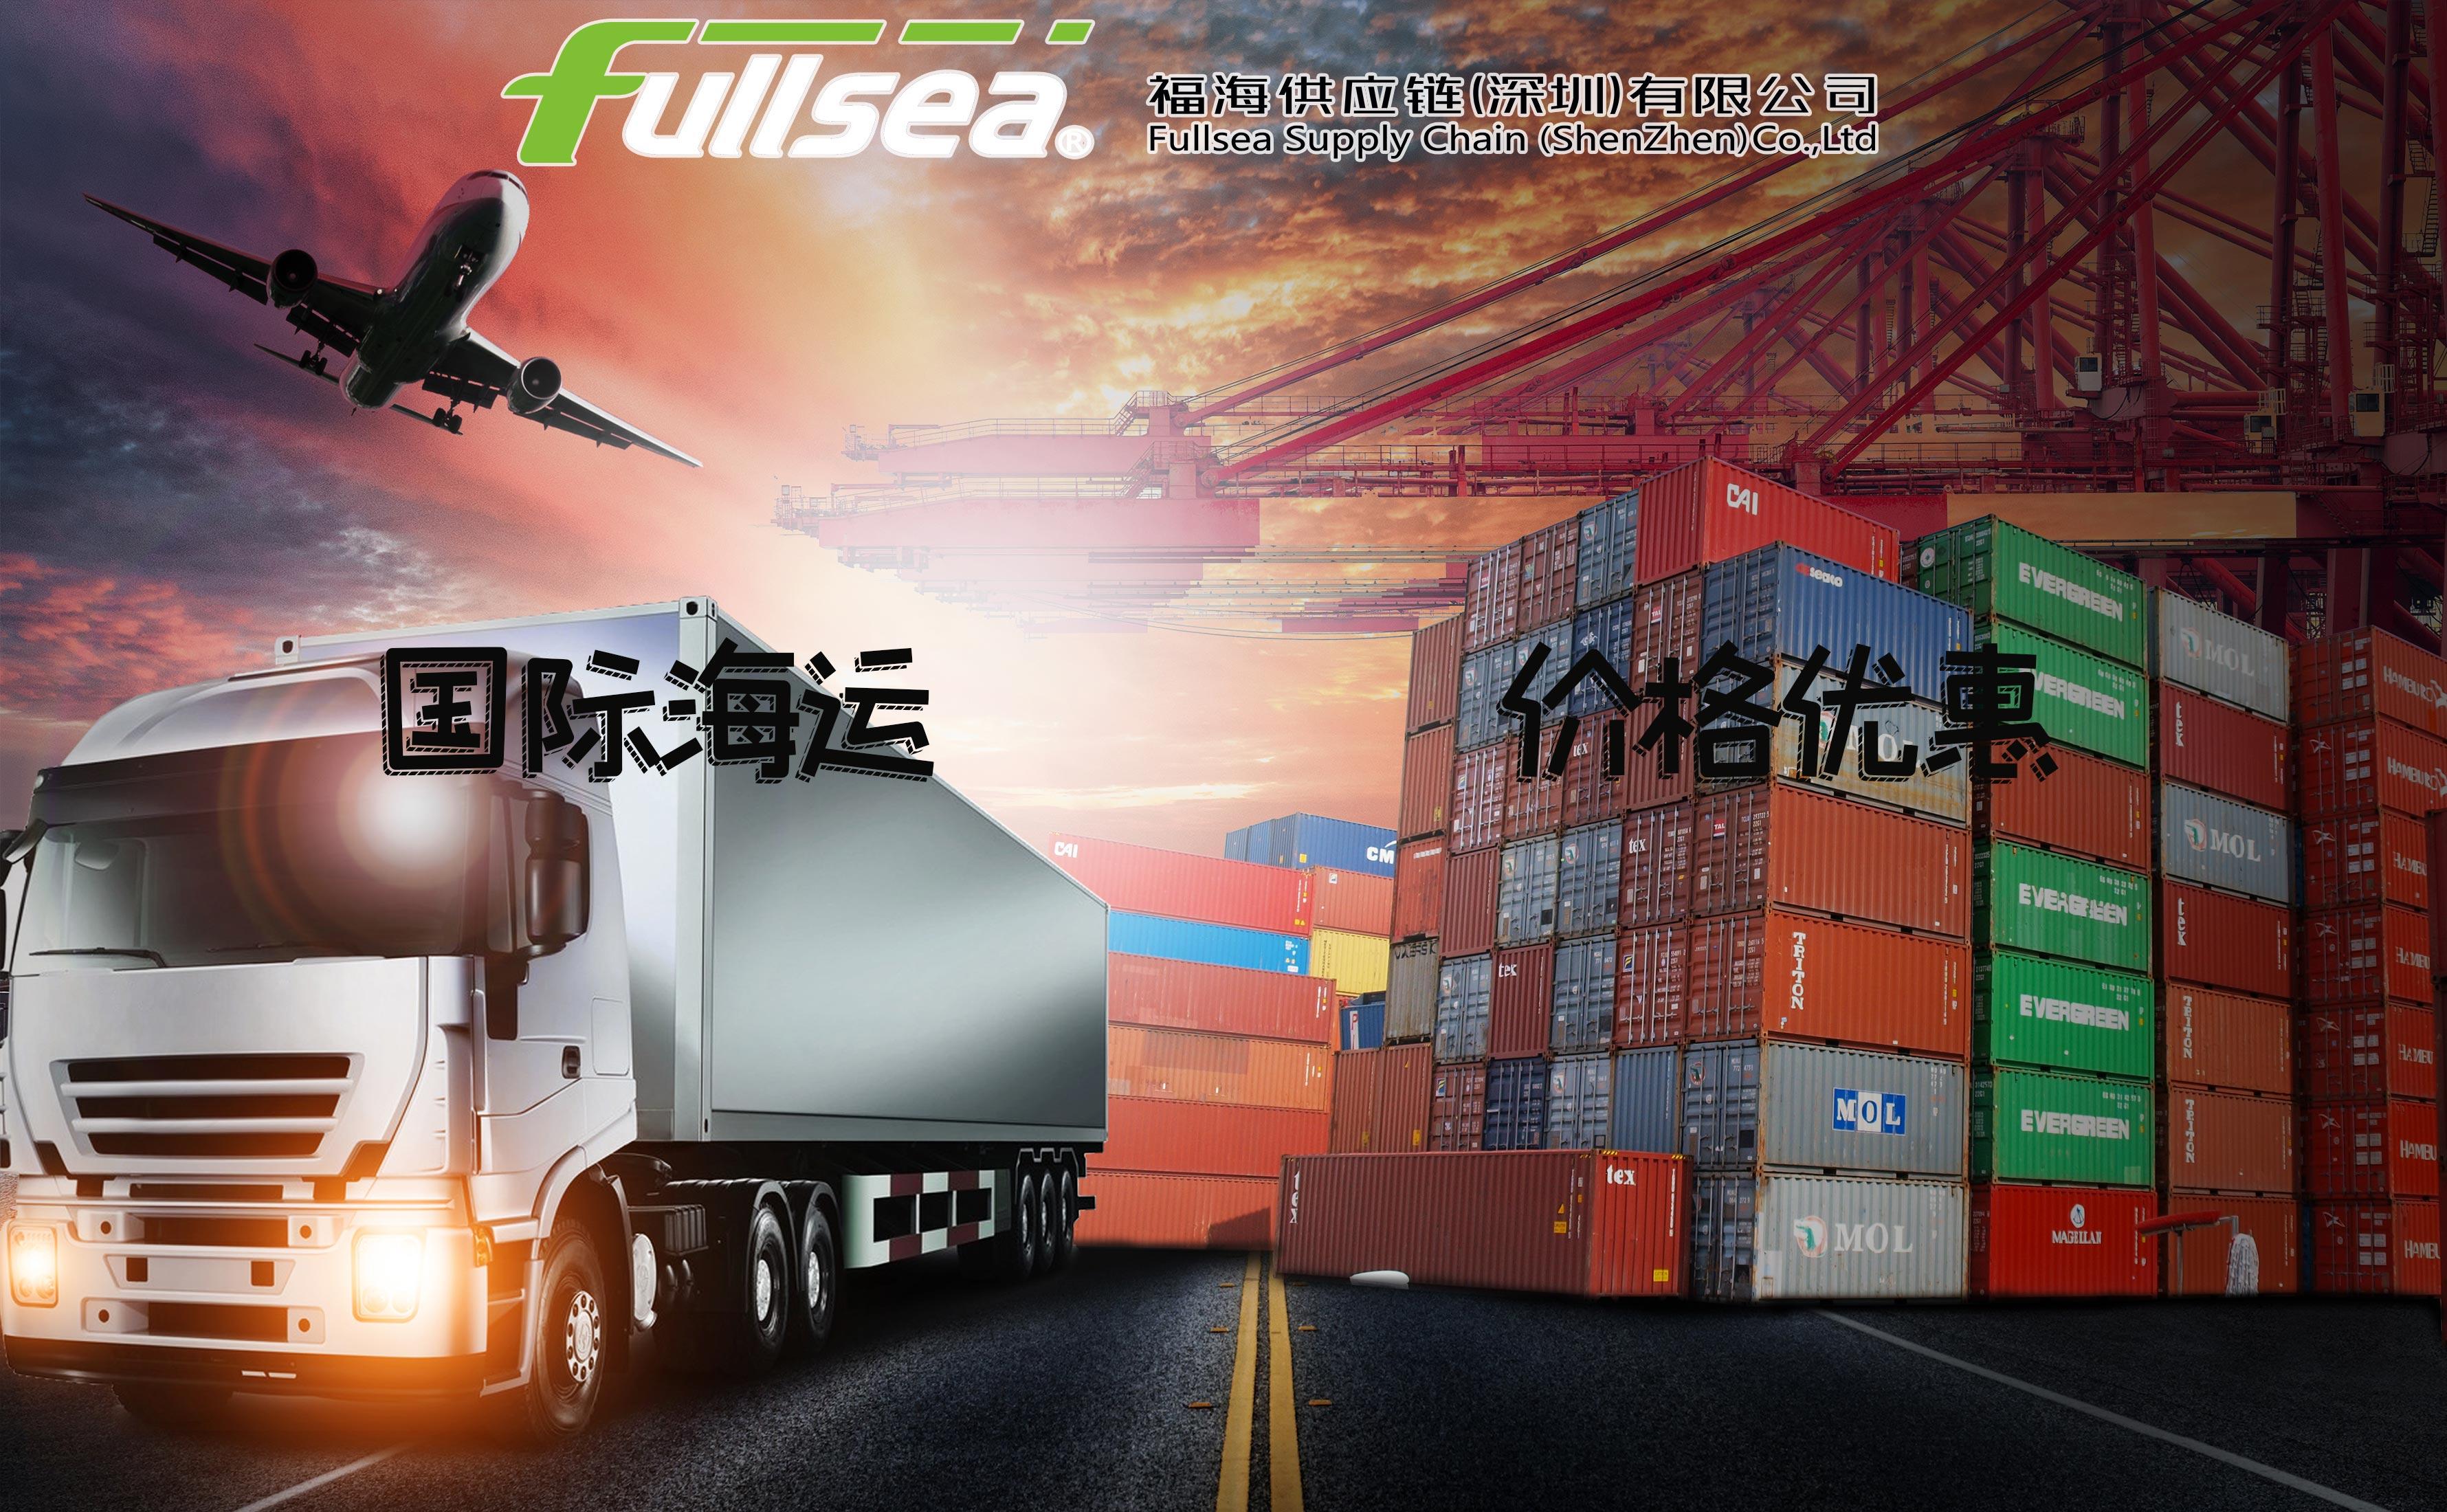 质量好印度海运出口_印度海运价格相关-福海供应链(深圳)有限公司